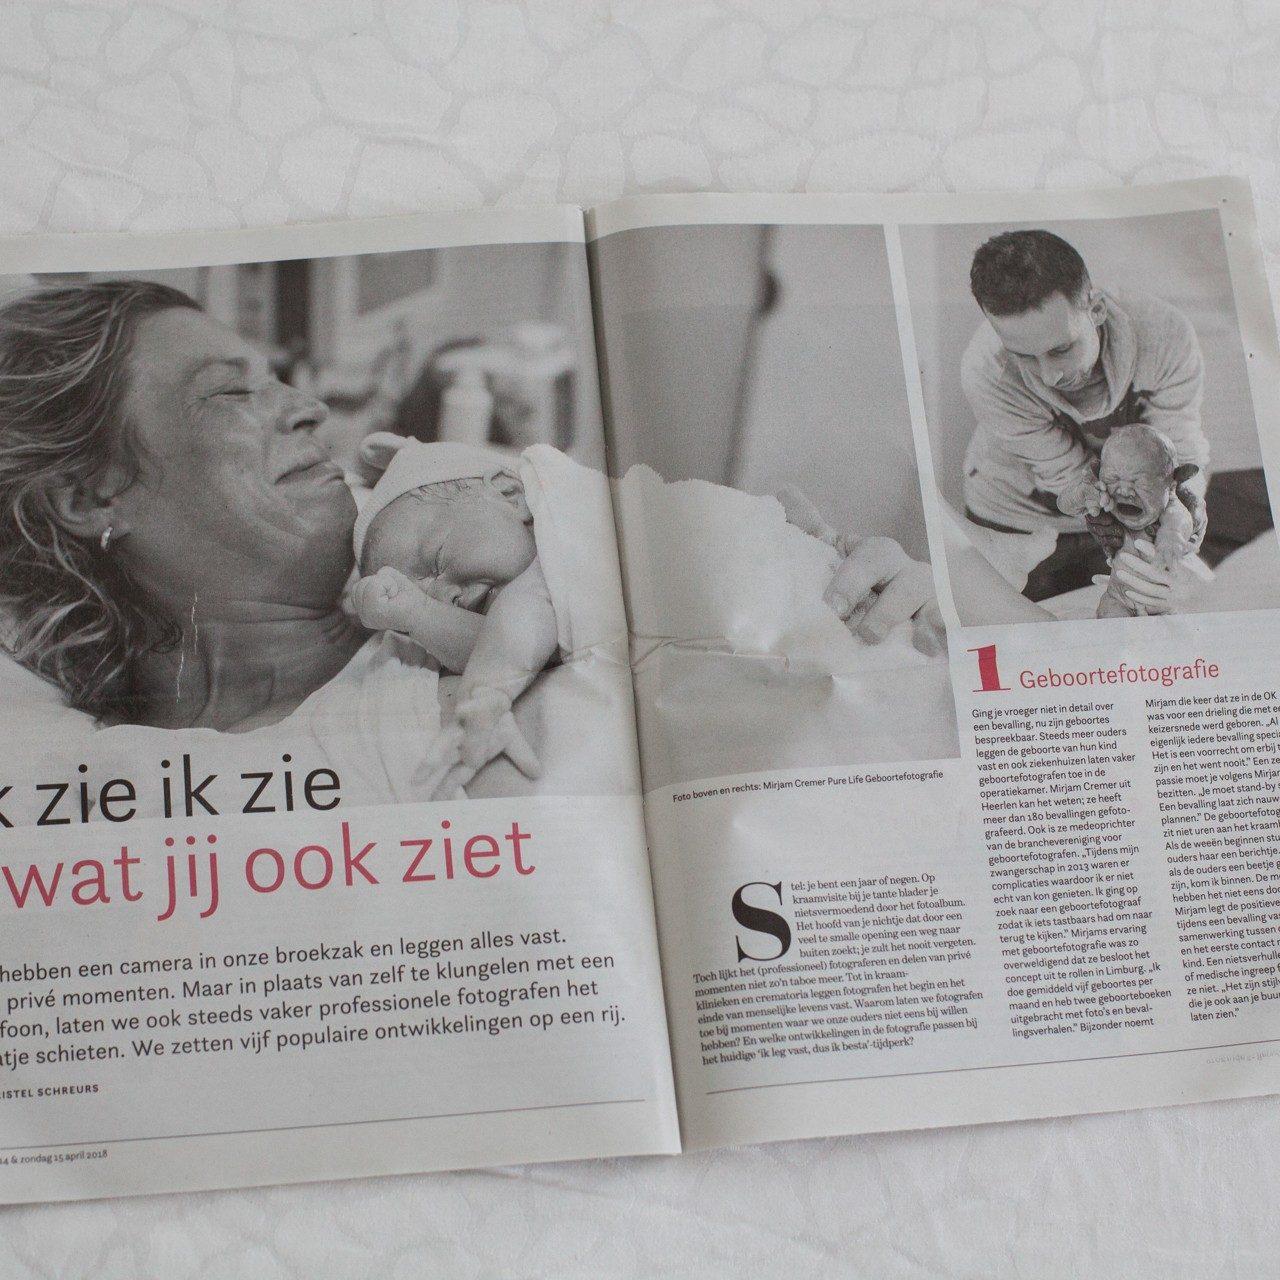 De-Limburger-geboortefotografie-geboortefotograaf-Mirjam-Cremer